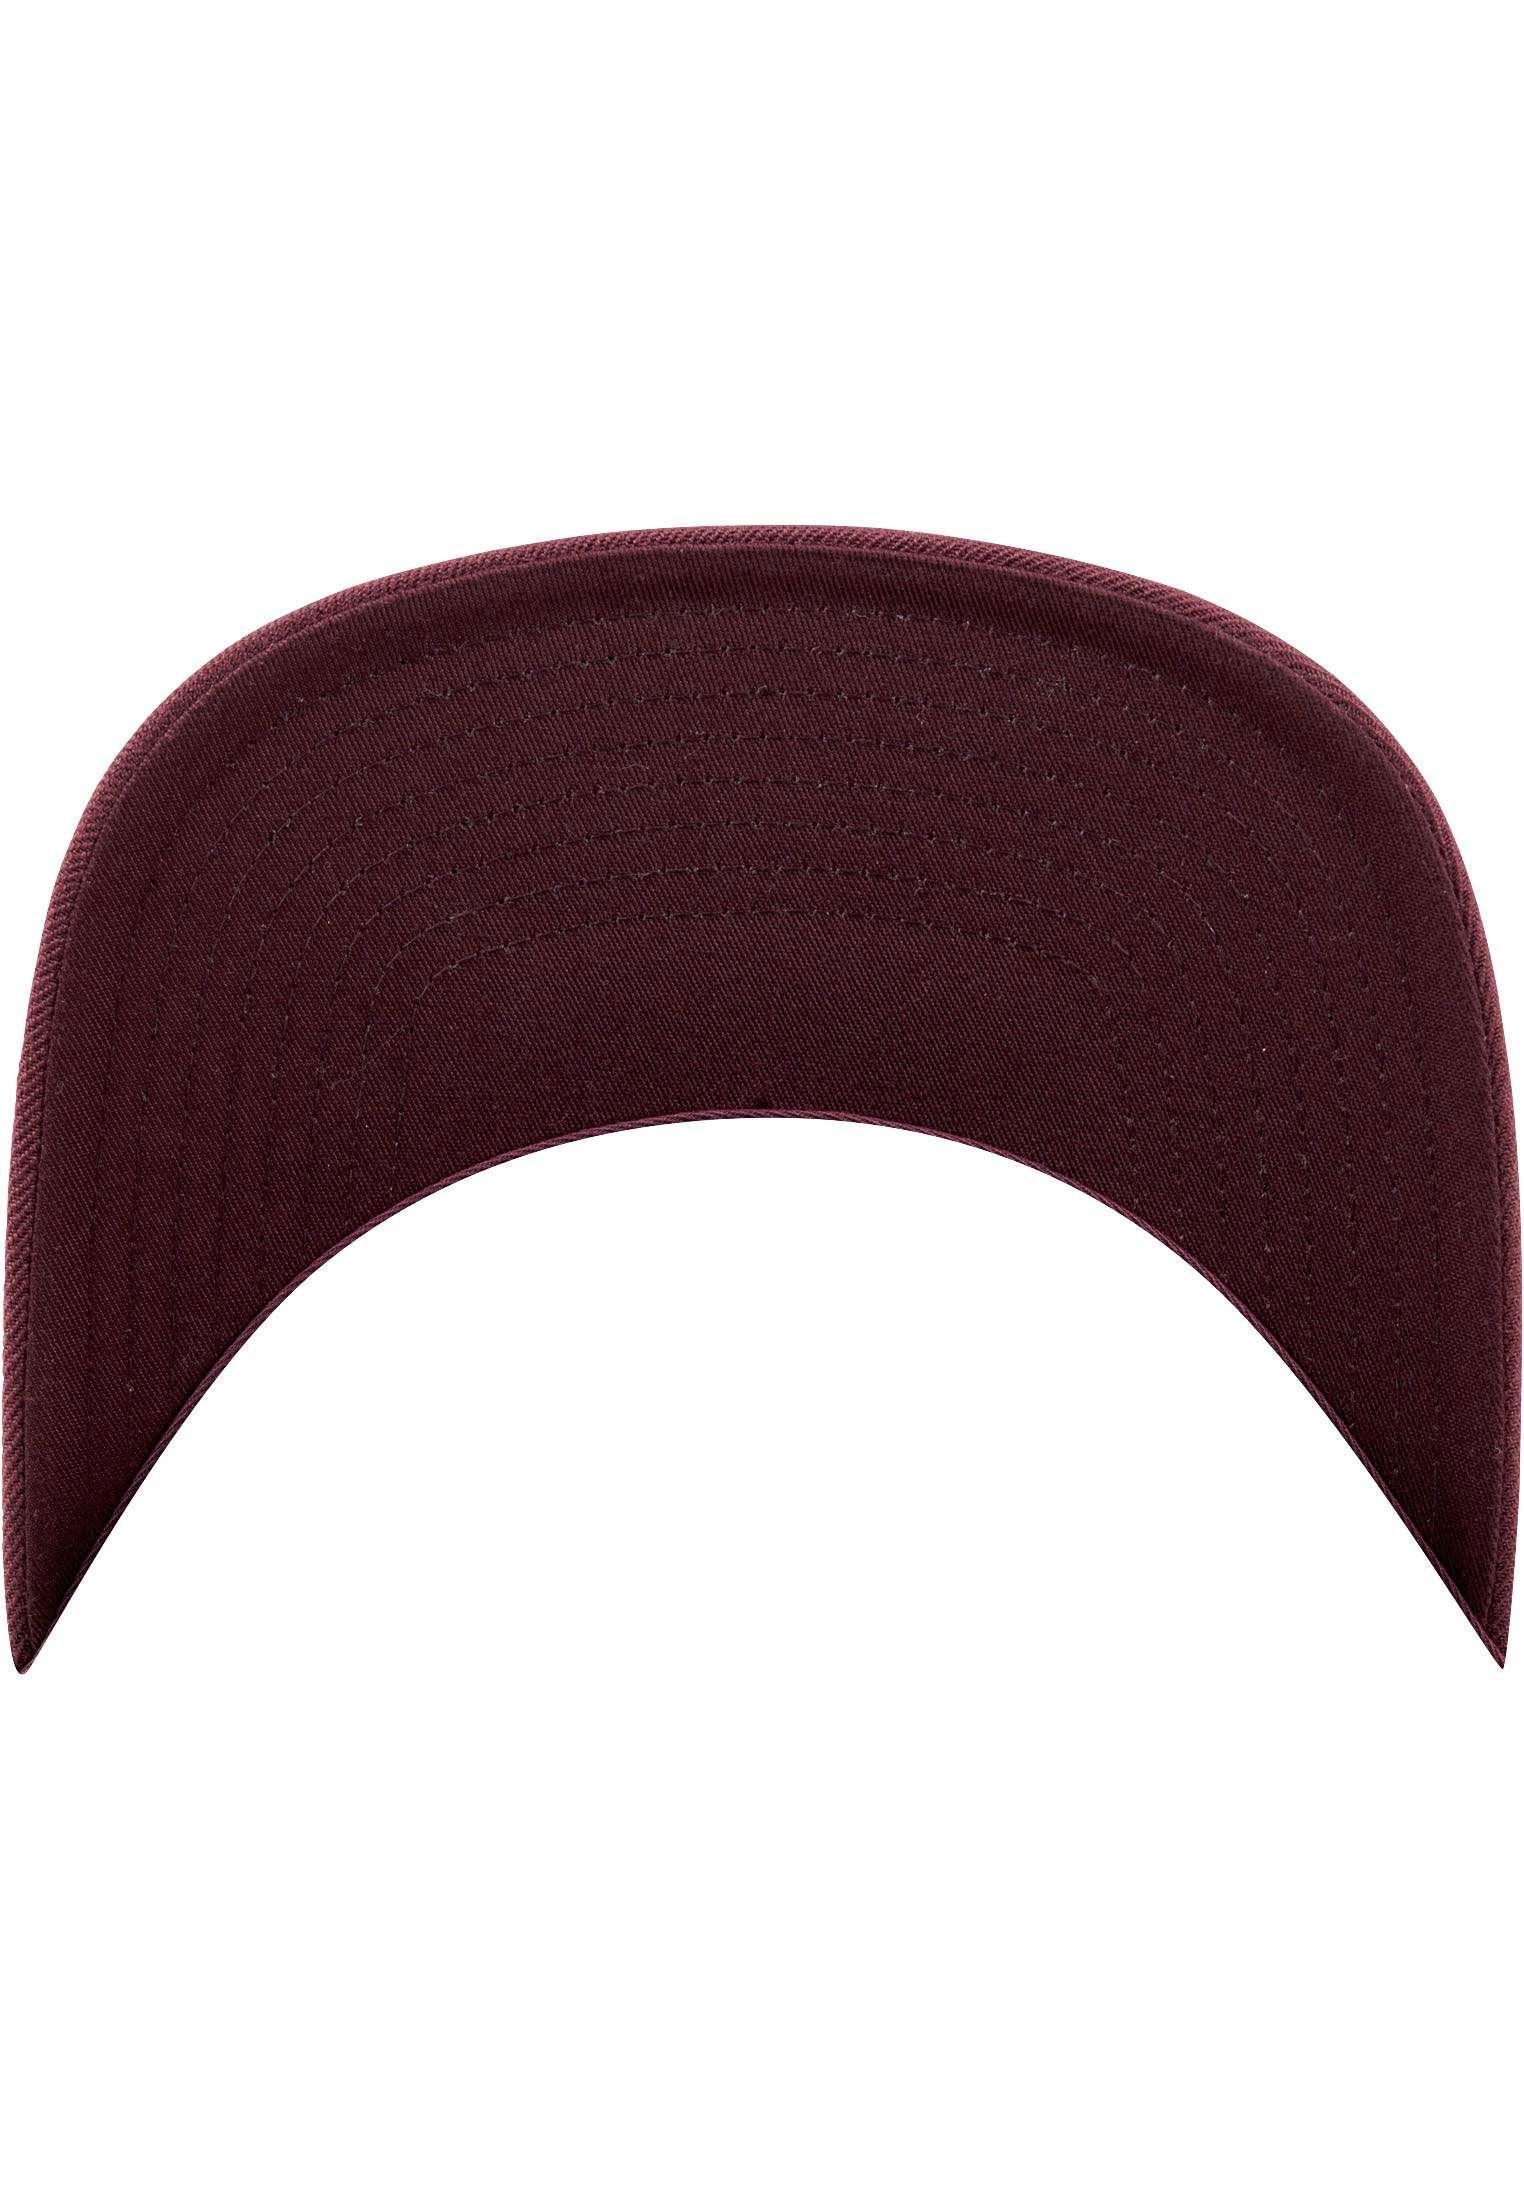 Snapback Cap besticken - Snapback Cap Classic dunkelrot/dunkelrot 6 PANNEAUX verstellbar Unterschild